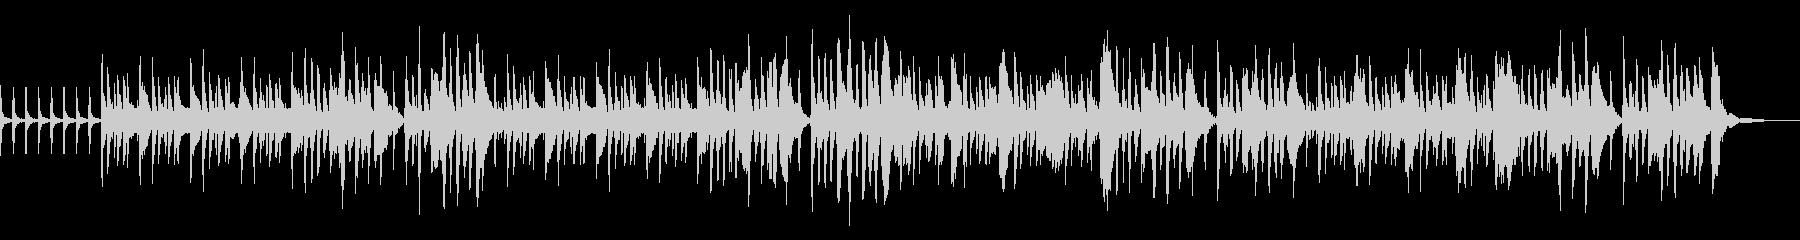 【生演奏】トロンボーンでわははは♪の未再生の波形